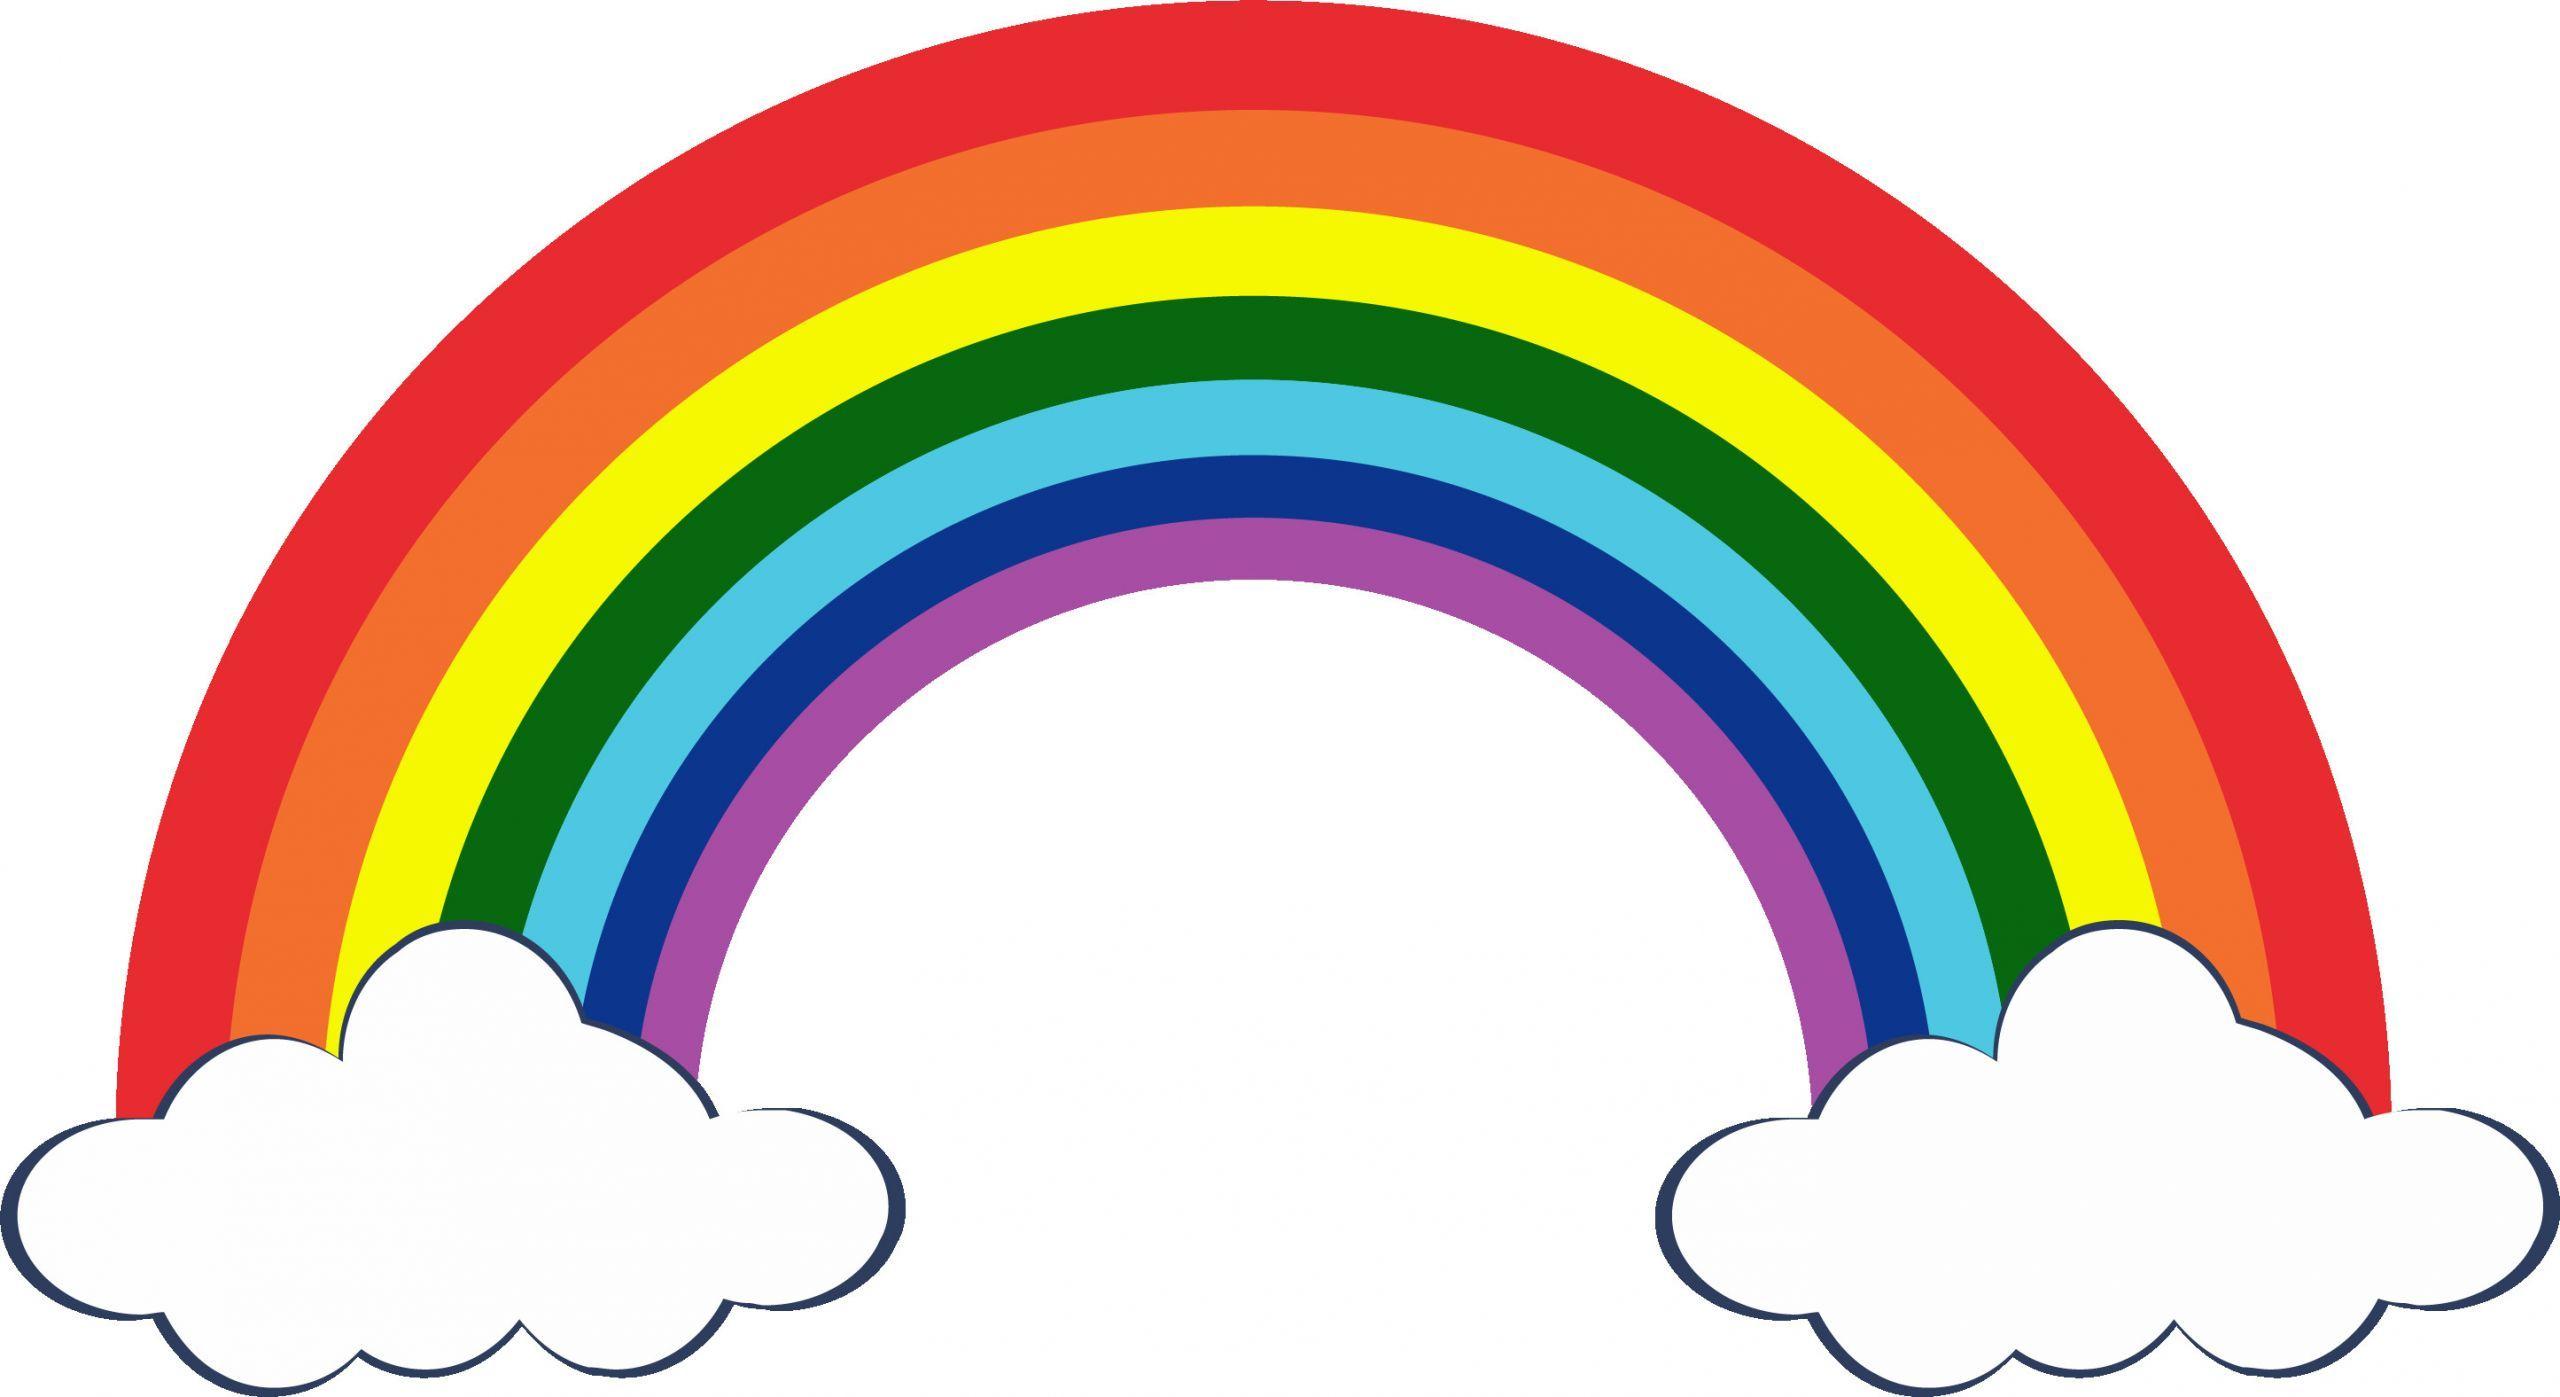 3 Worksheet Coloring Worksheets Rainbow In